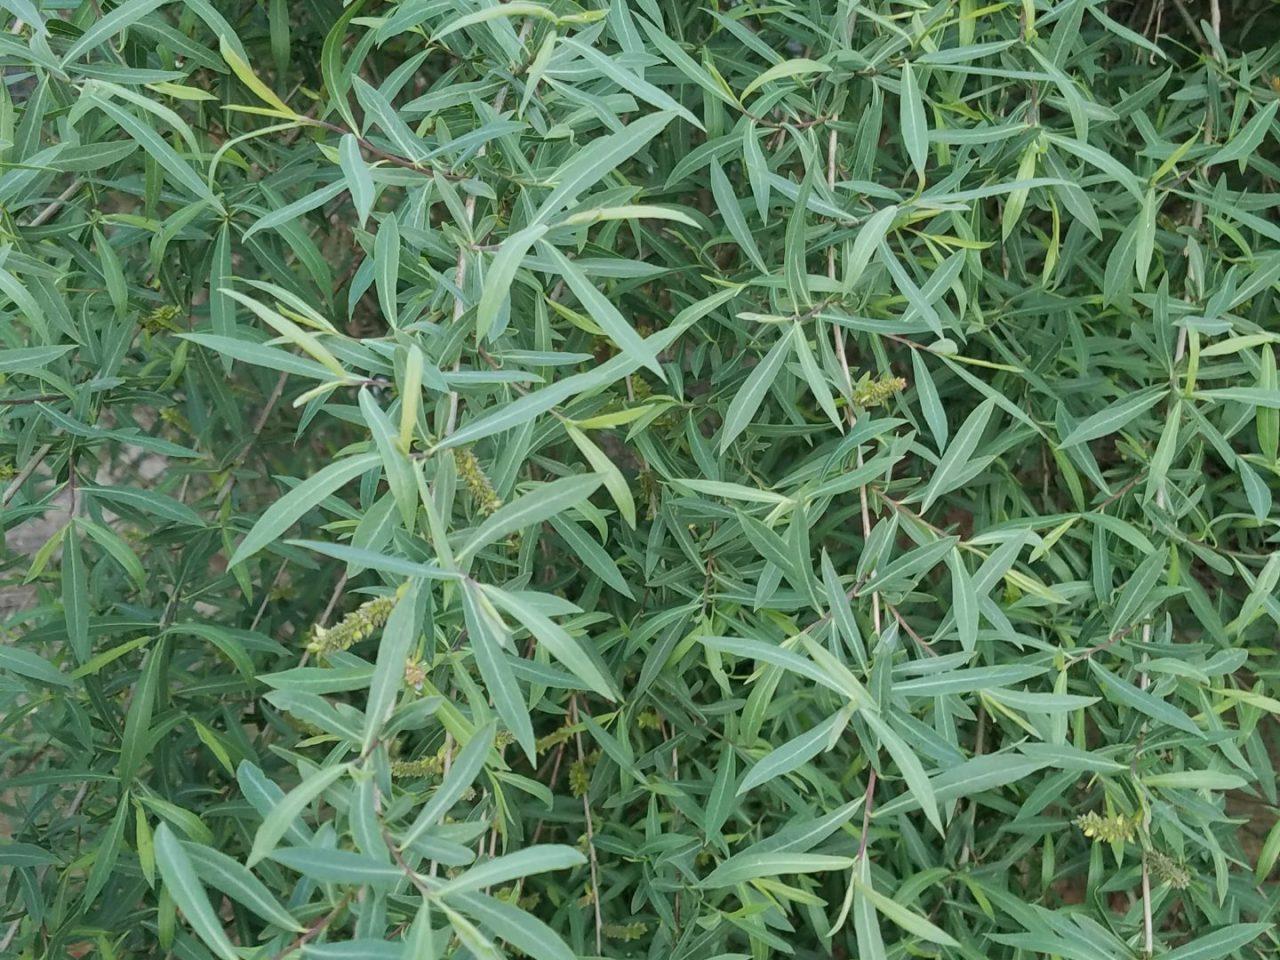 Pflanze11 Trumpf